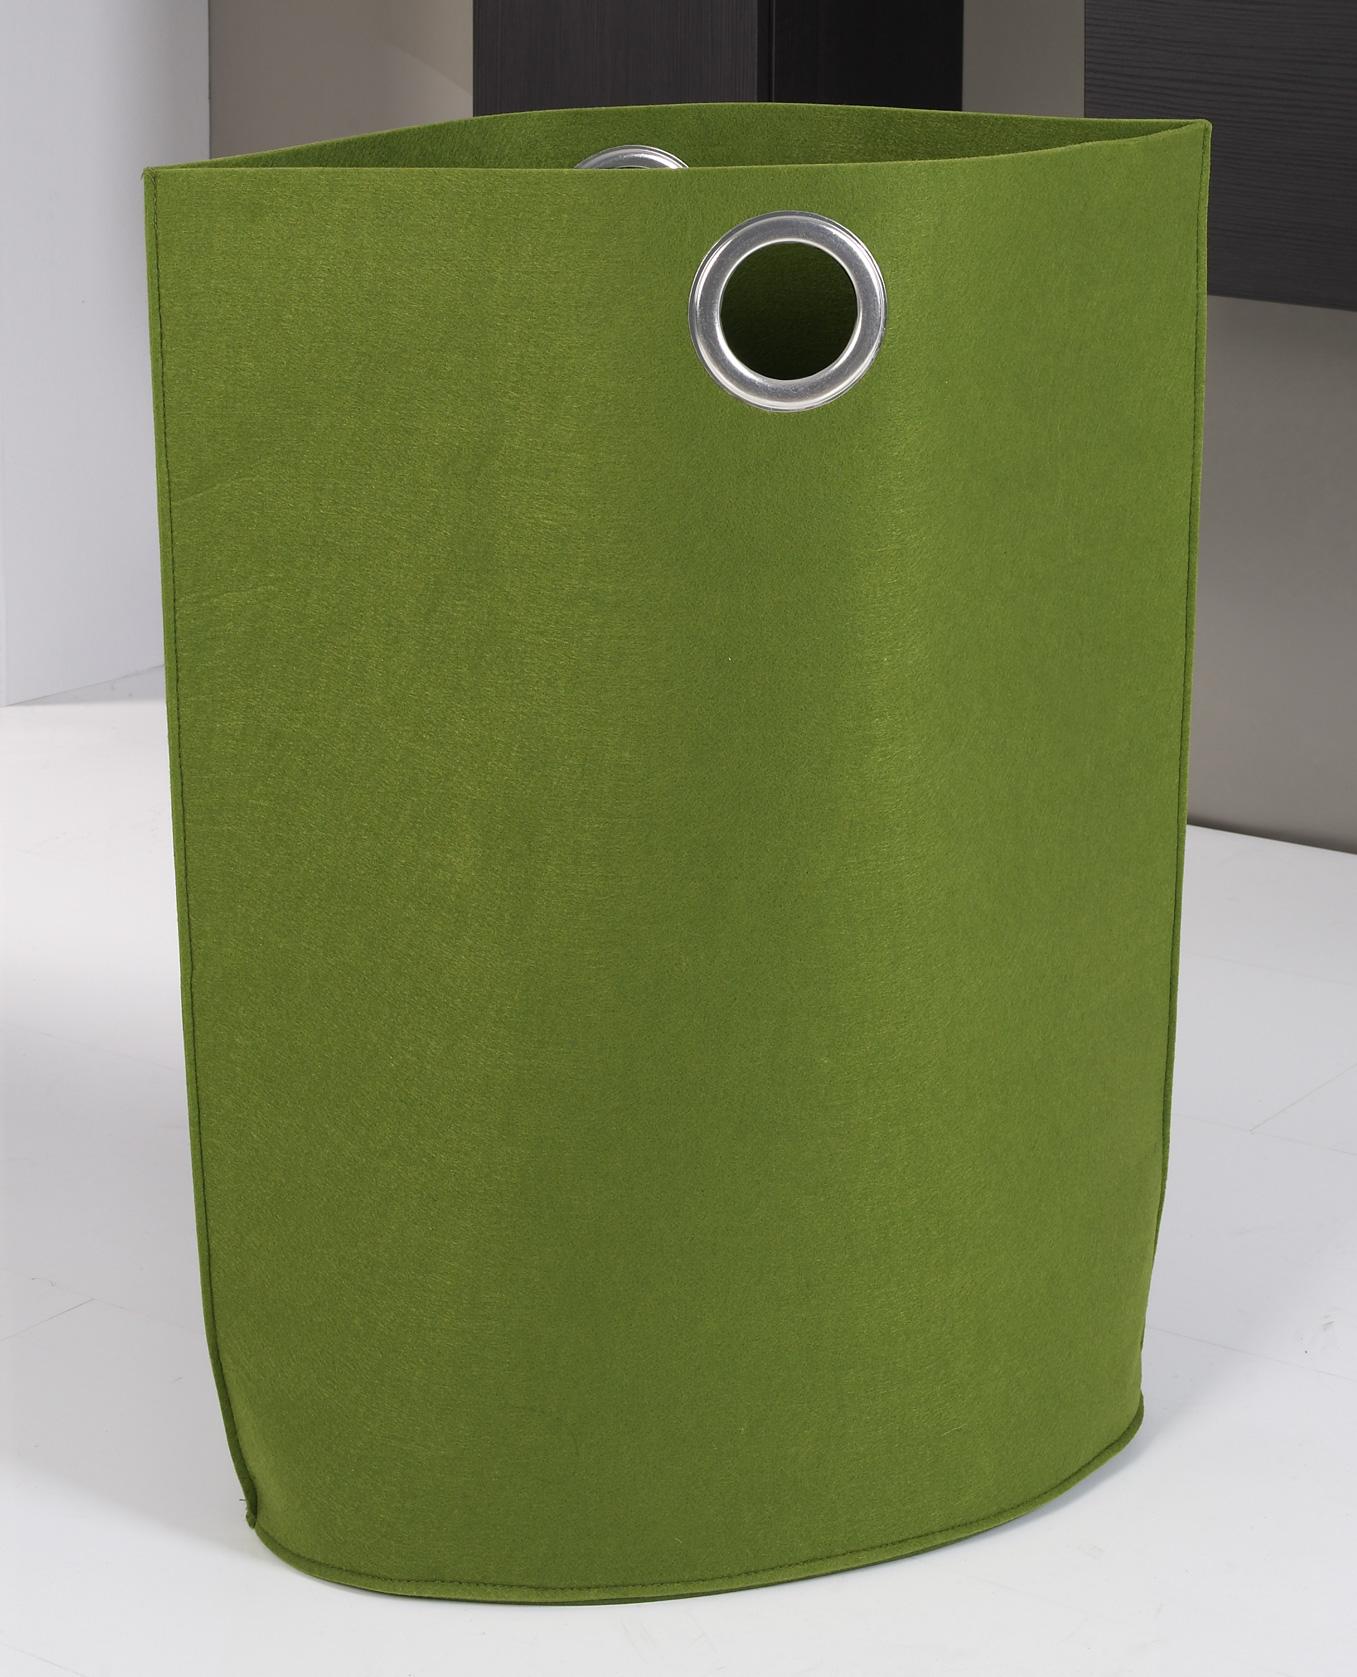 designer w schetasche w schesack aus filz b 60 x t 30 x h 70 cm in 4 farben erh ltlich. Black Bedroom Furniture Sets. Home Design Ideas